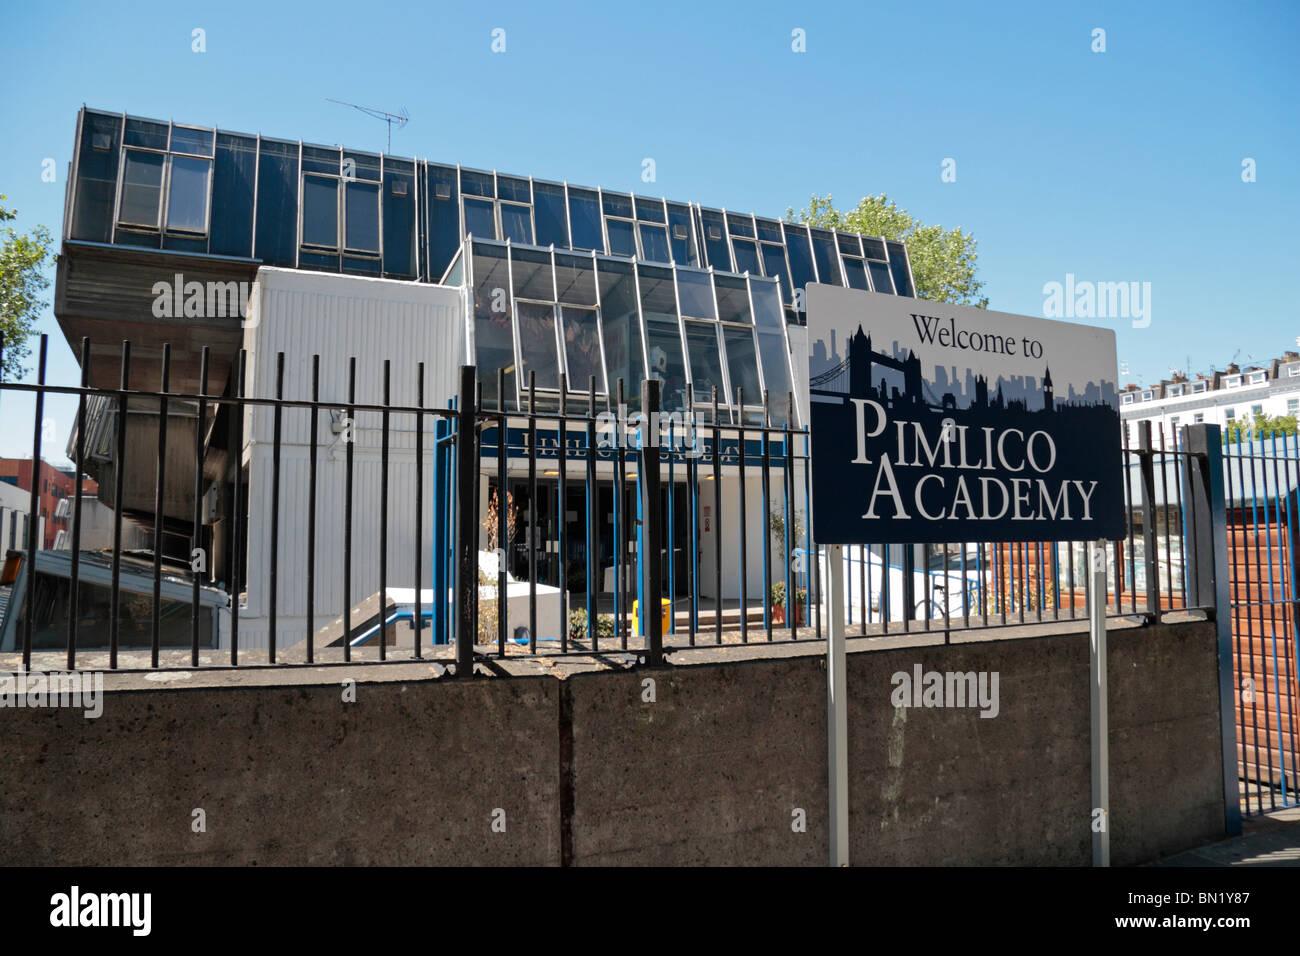 main-entrance-to-pimlico-academy-a-secon